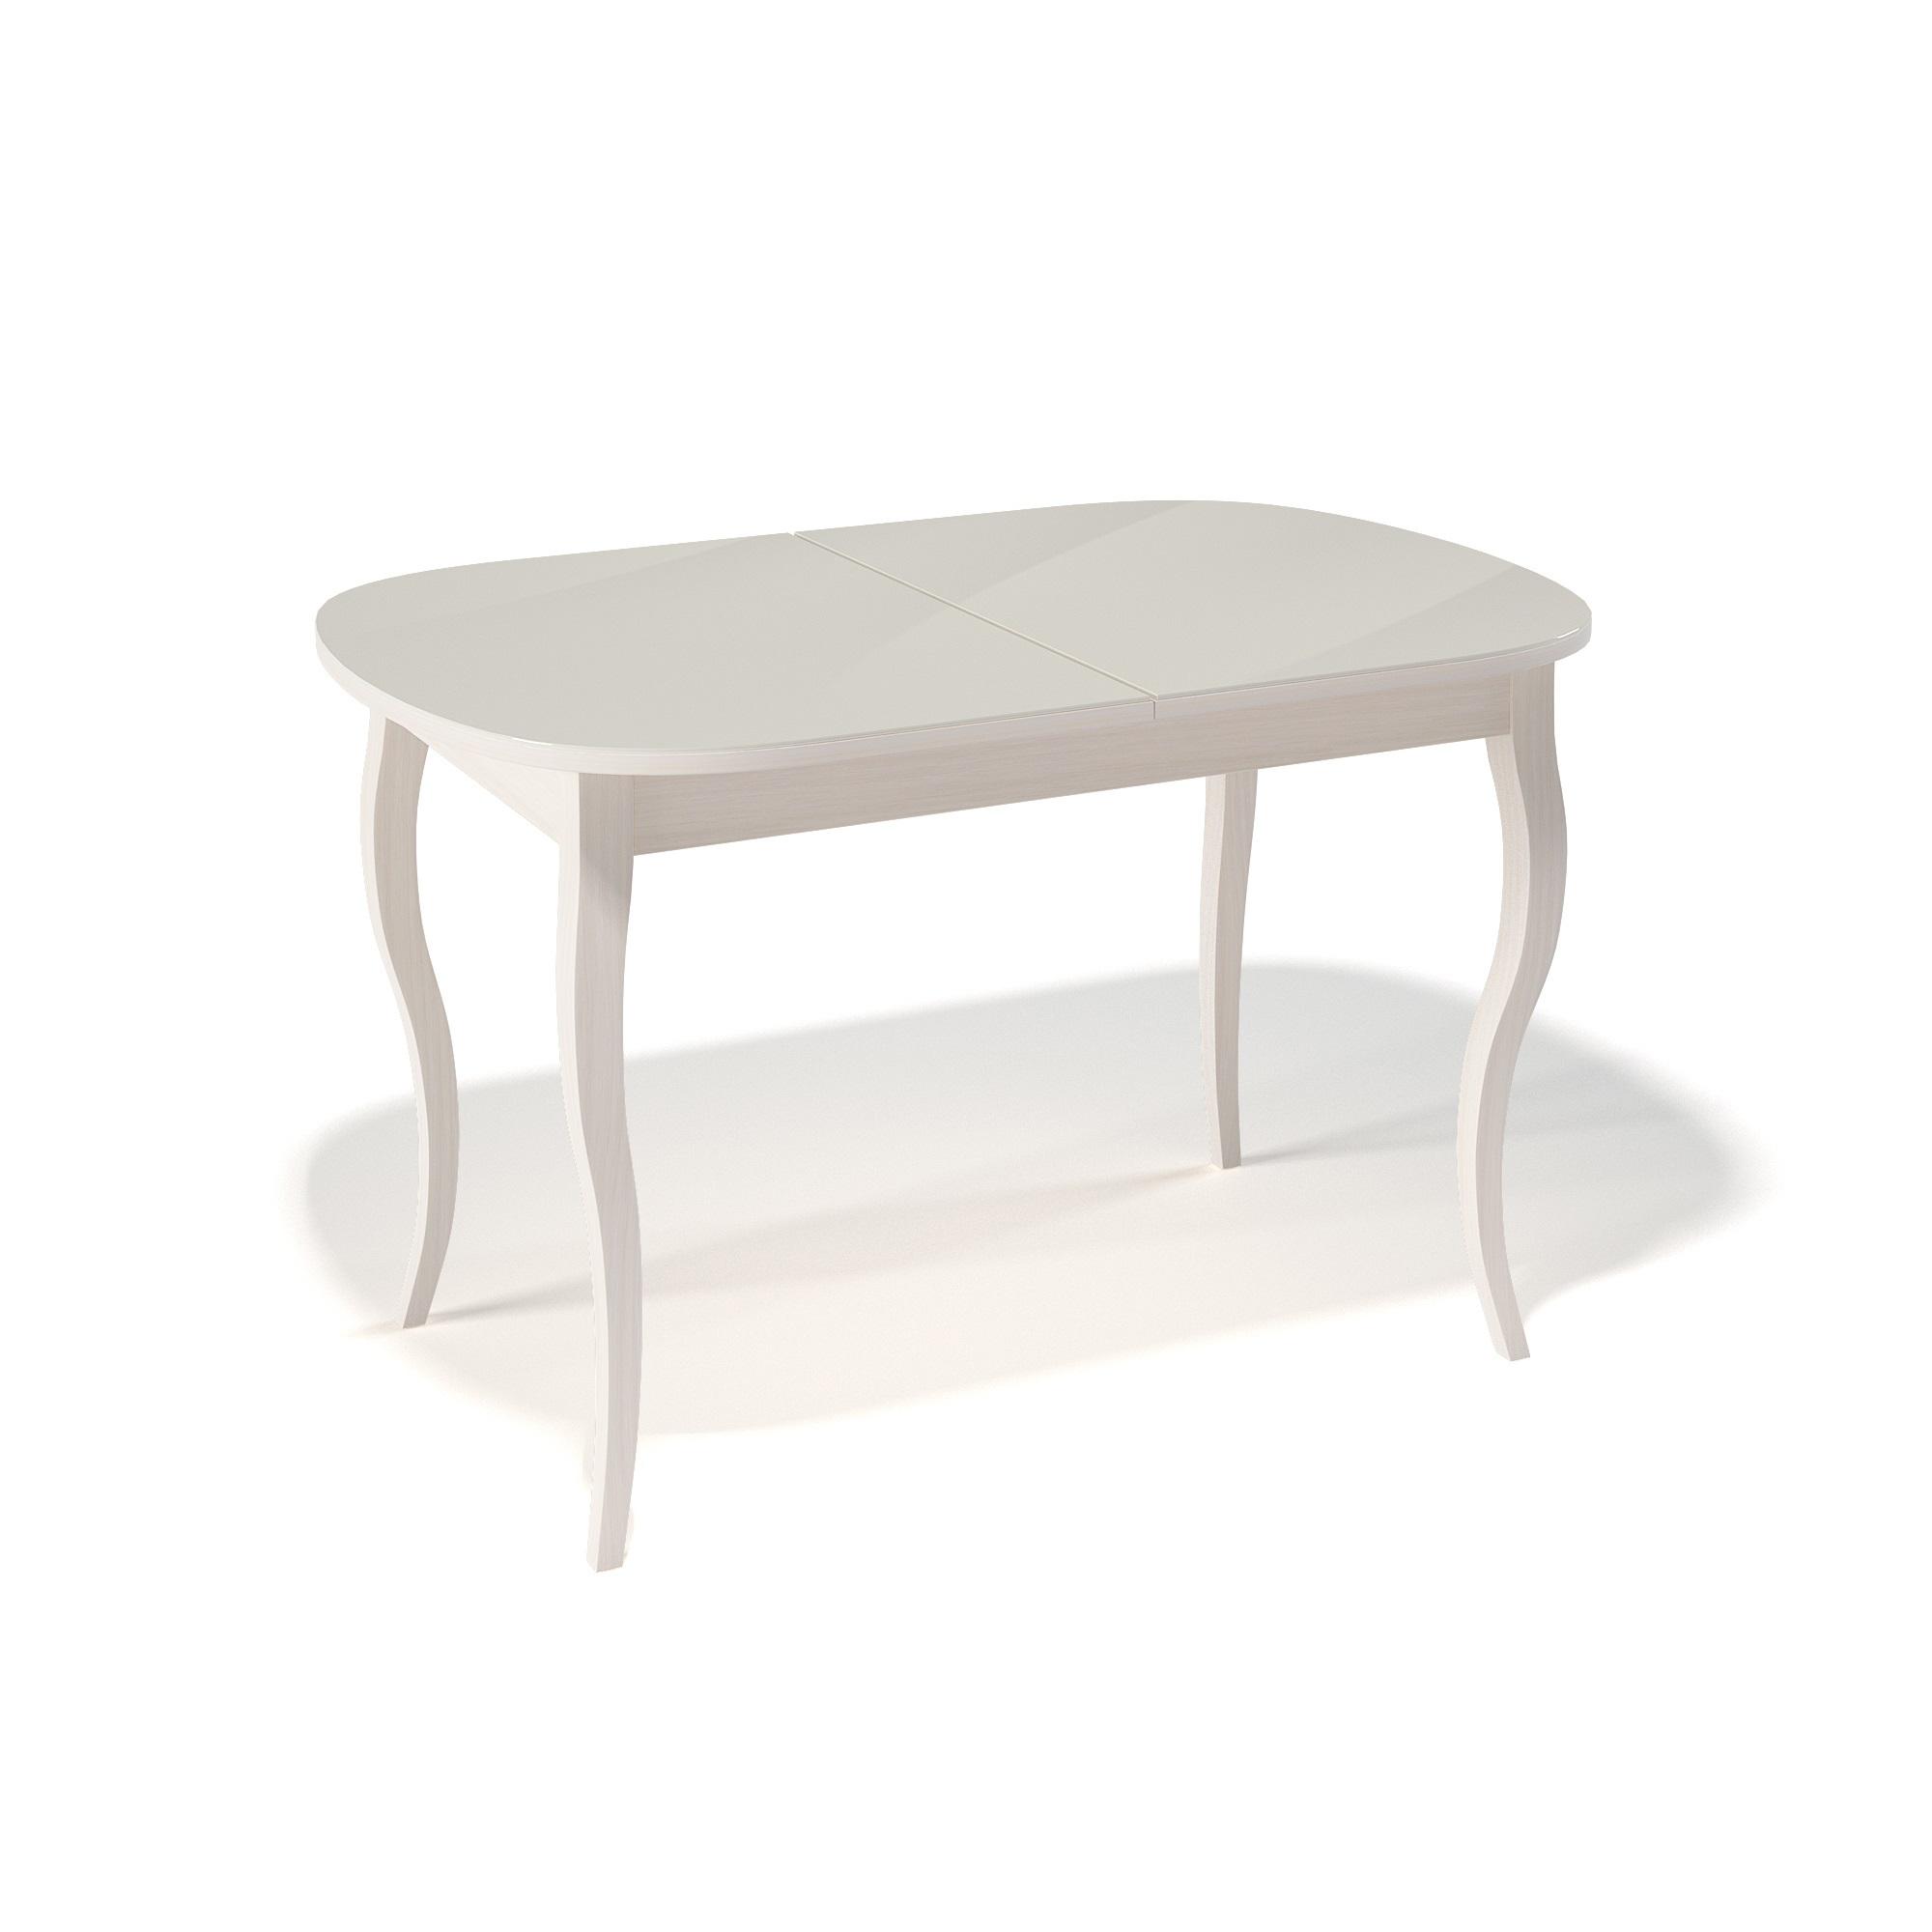 Стол обеденный KennerОбеденные столы<br>Ножки стола выполнены из массива бука, столешница - ДСП+стекло 4мм.&amp;amp;nbsp;&amp;lt;div&amp;gt;Механизм раскладки: синхронный, легкого скольжения.&amp;amp;nbsp;&amp;lt;/div&amp;gt;&amp;lt;div&amp;gt;На ножках установлены регулировочные винты.&amp;amp;nbsp;&amp;lt;/div&amp;gt;&amp;lt;div&amp;gt;Фурнитура в комплекте.&amp;amp;nbsp;&amp;lt;/div&amp;gt;&amp;lt;div&amp;gt;Стол раскладной,вставка &amp;quot;бабочка&amp;quot; со стеклом.&amp;amp;nbsp;&amp;lt;/div&amp;gt;&amp;lt;div&amp;gt;Размер столешницы в разложенном виде: 170х75 см. &amp;lt;/div&amp;gt;<br><br>Material: Дерево<br>Ширина см: 130.0<br>Высота см: 75.0<br>Глубина см: 80.0